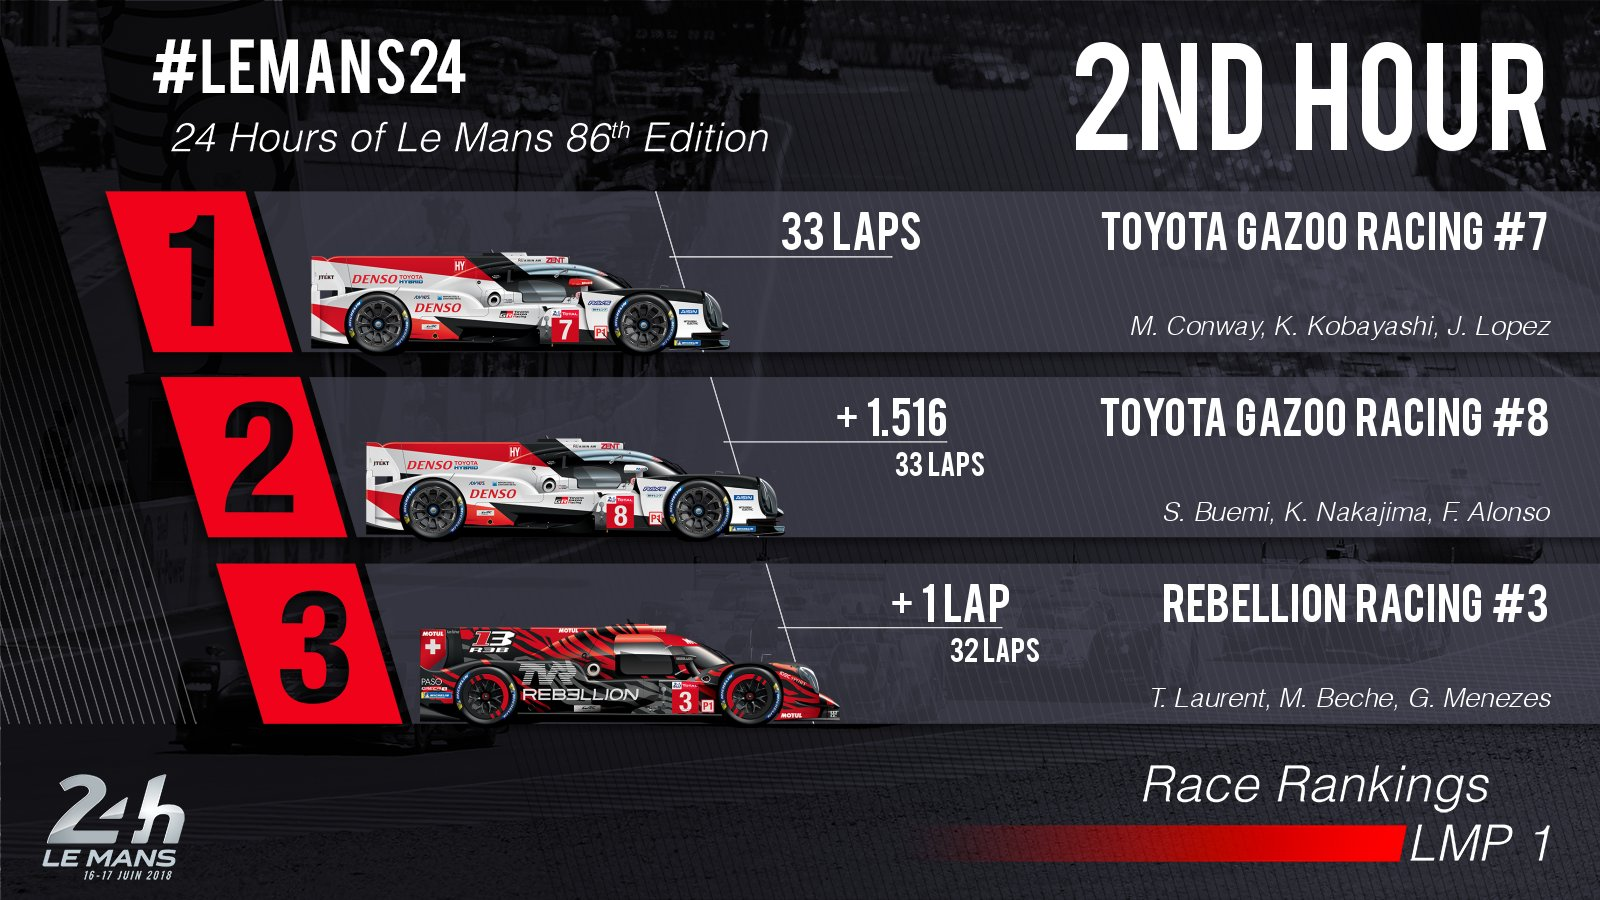 24 Horas de Le Mans 2018 - Página 2 Df0lIldXcAA9JCu